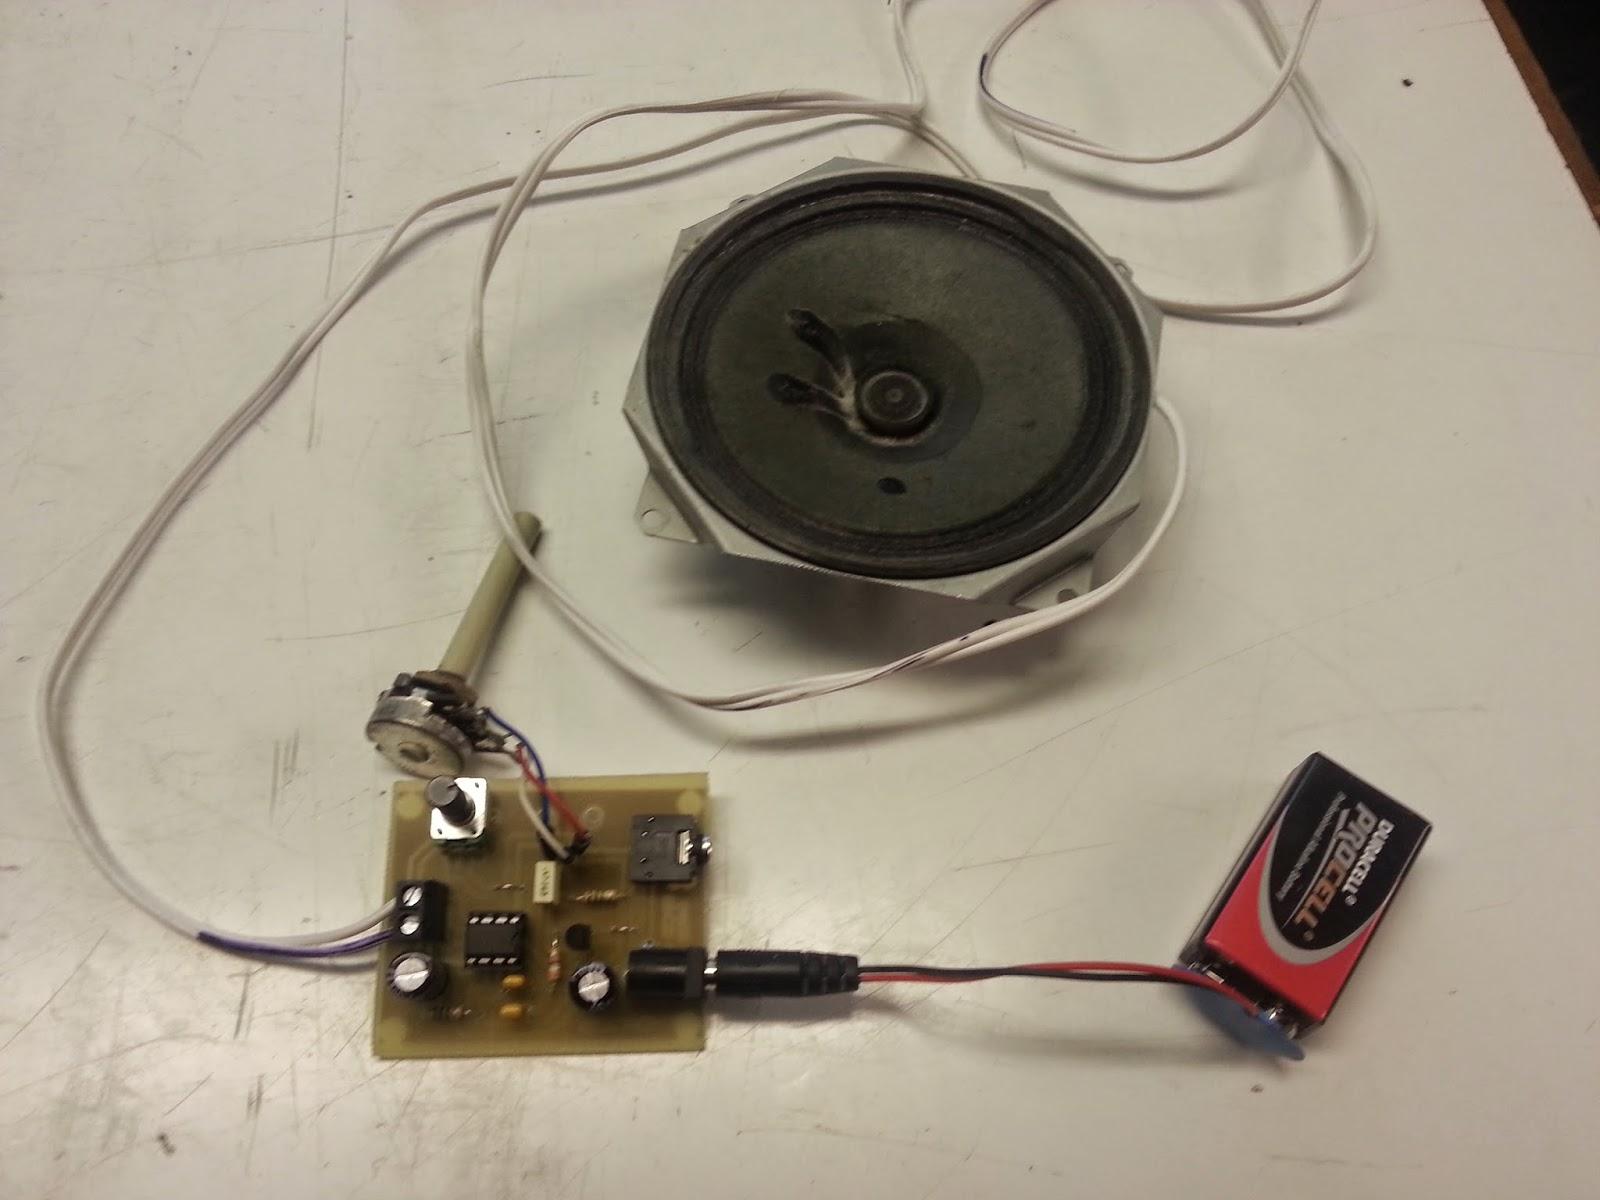 medium resolution of 370x250comcastcablemodemdiagram741507jpeg wiring diagram for you 370x250comcastcablemodemdiagram741507jpeg